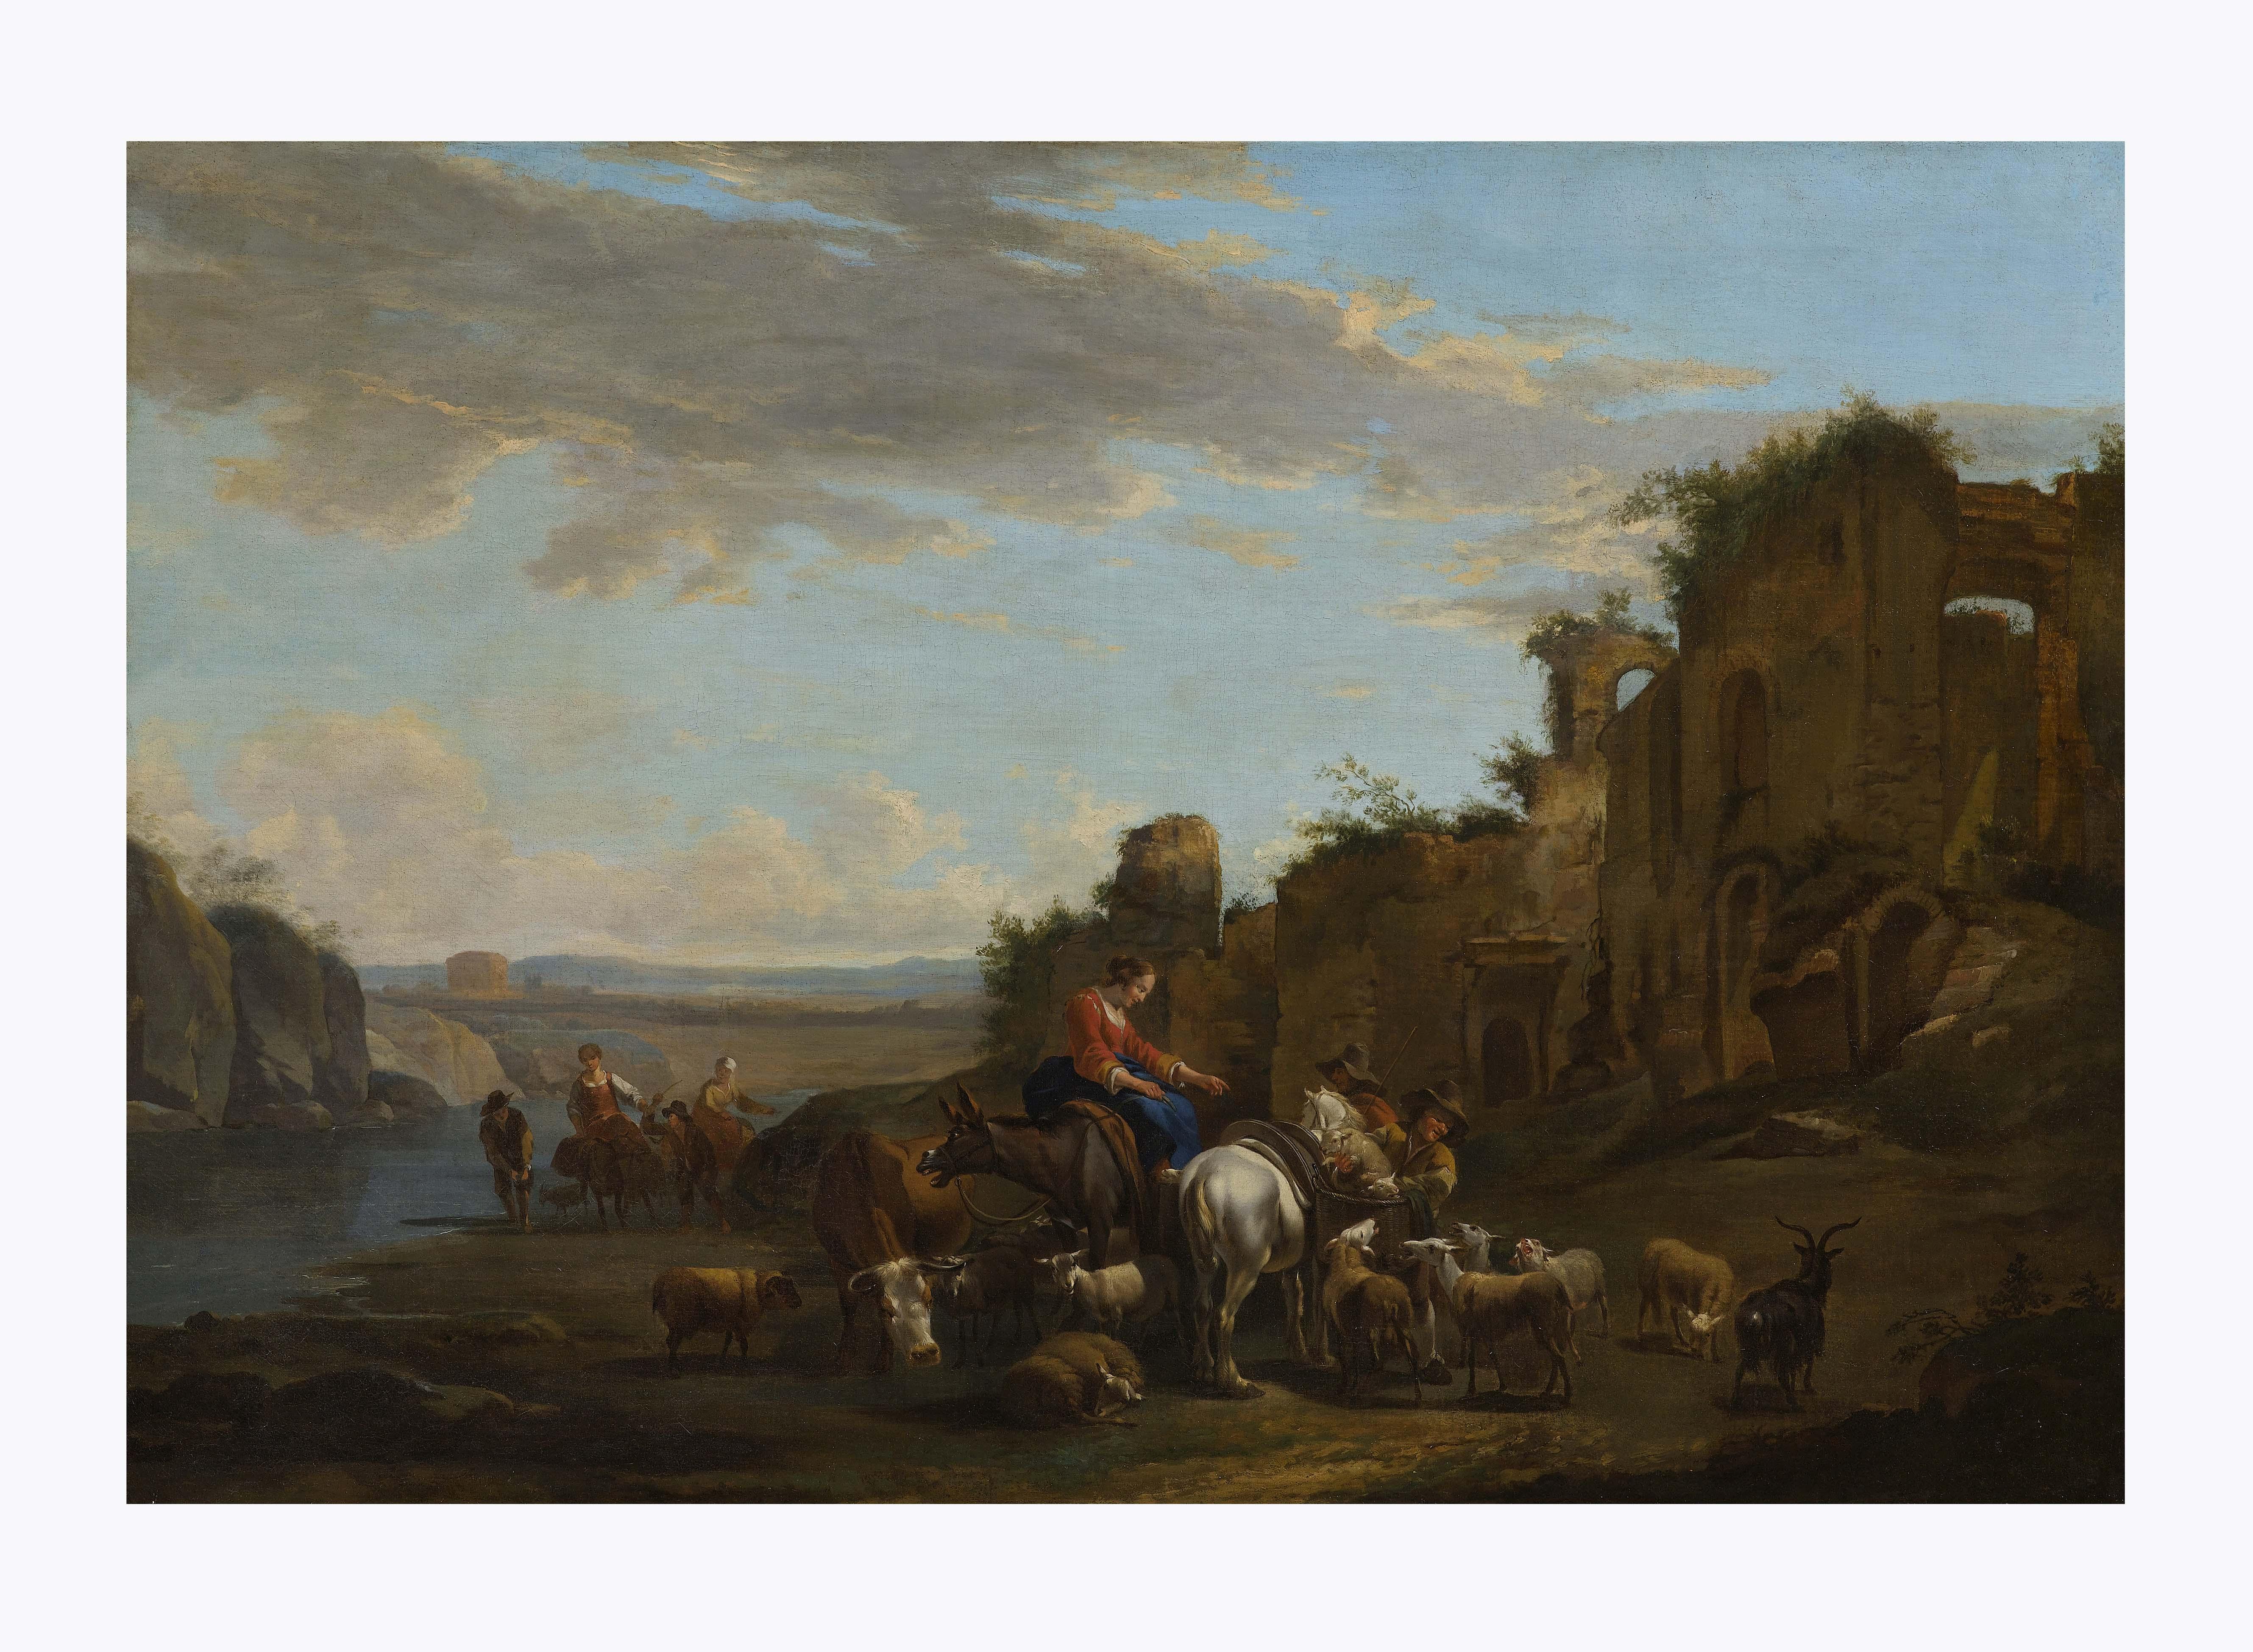 Assisi antiquariato oggetti mobili e dipinti antichi in for Mobili antiquariato